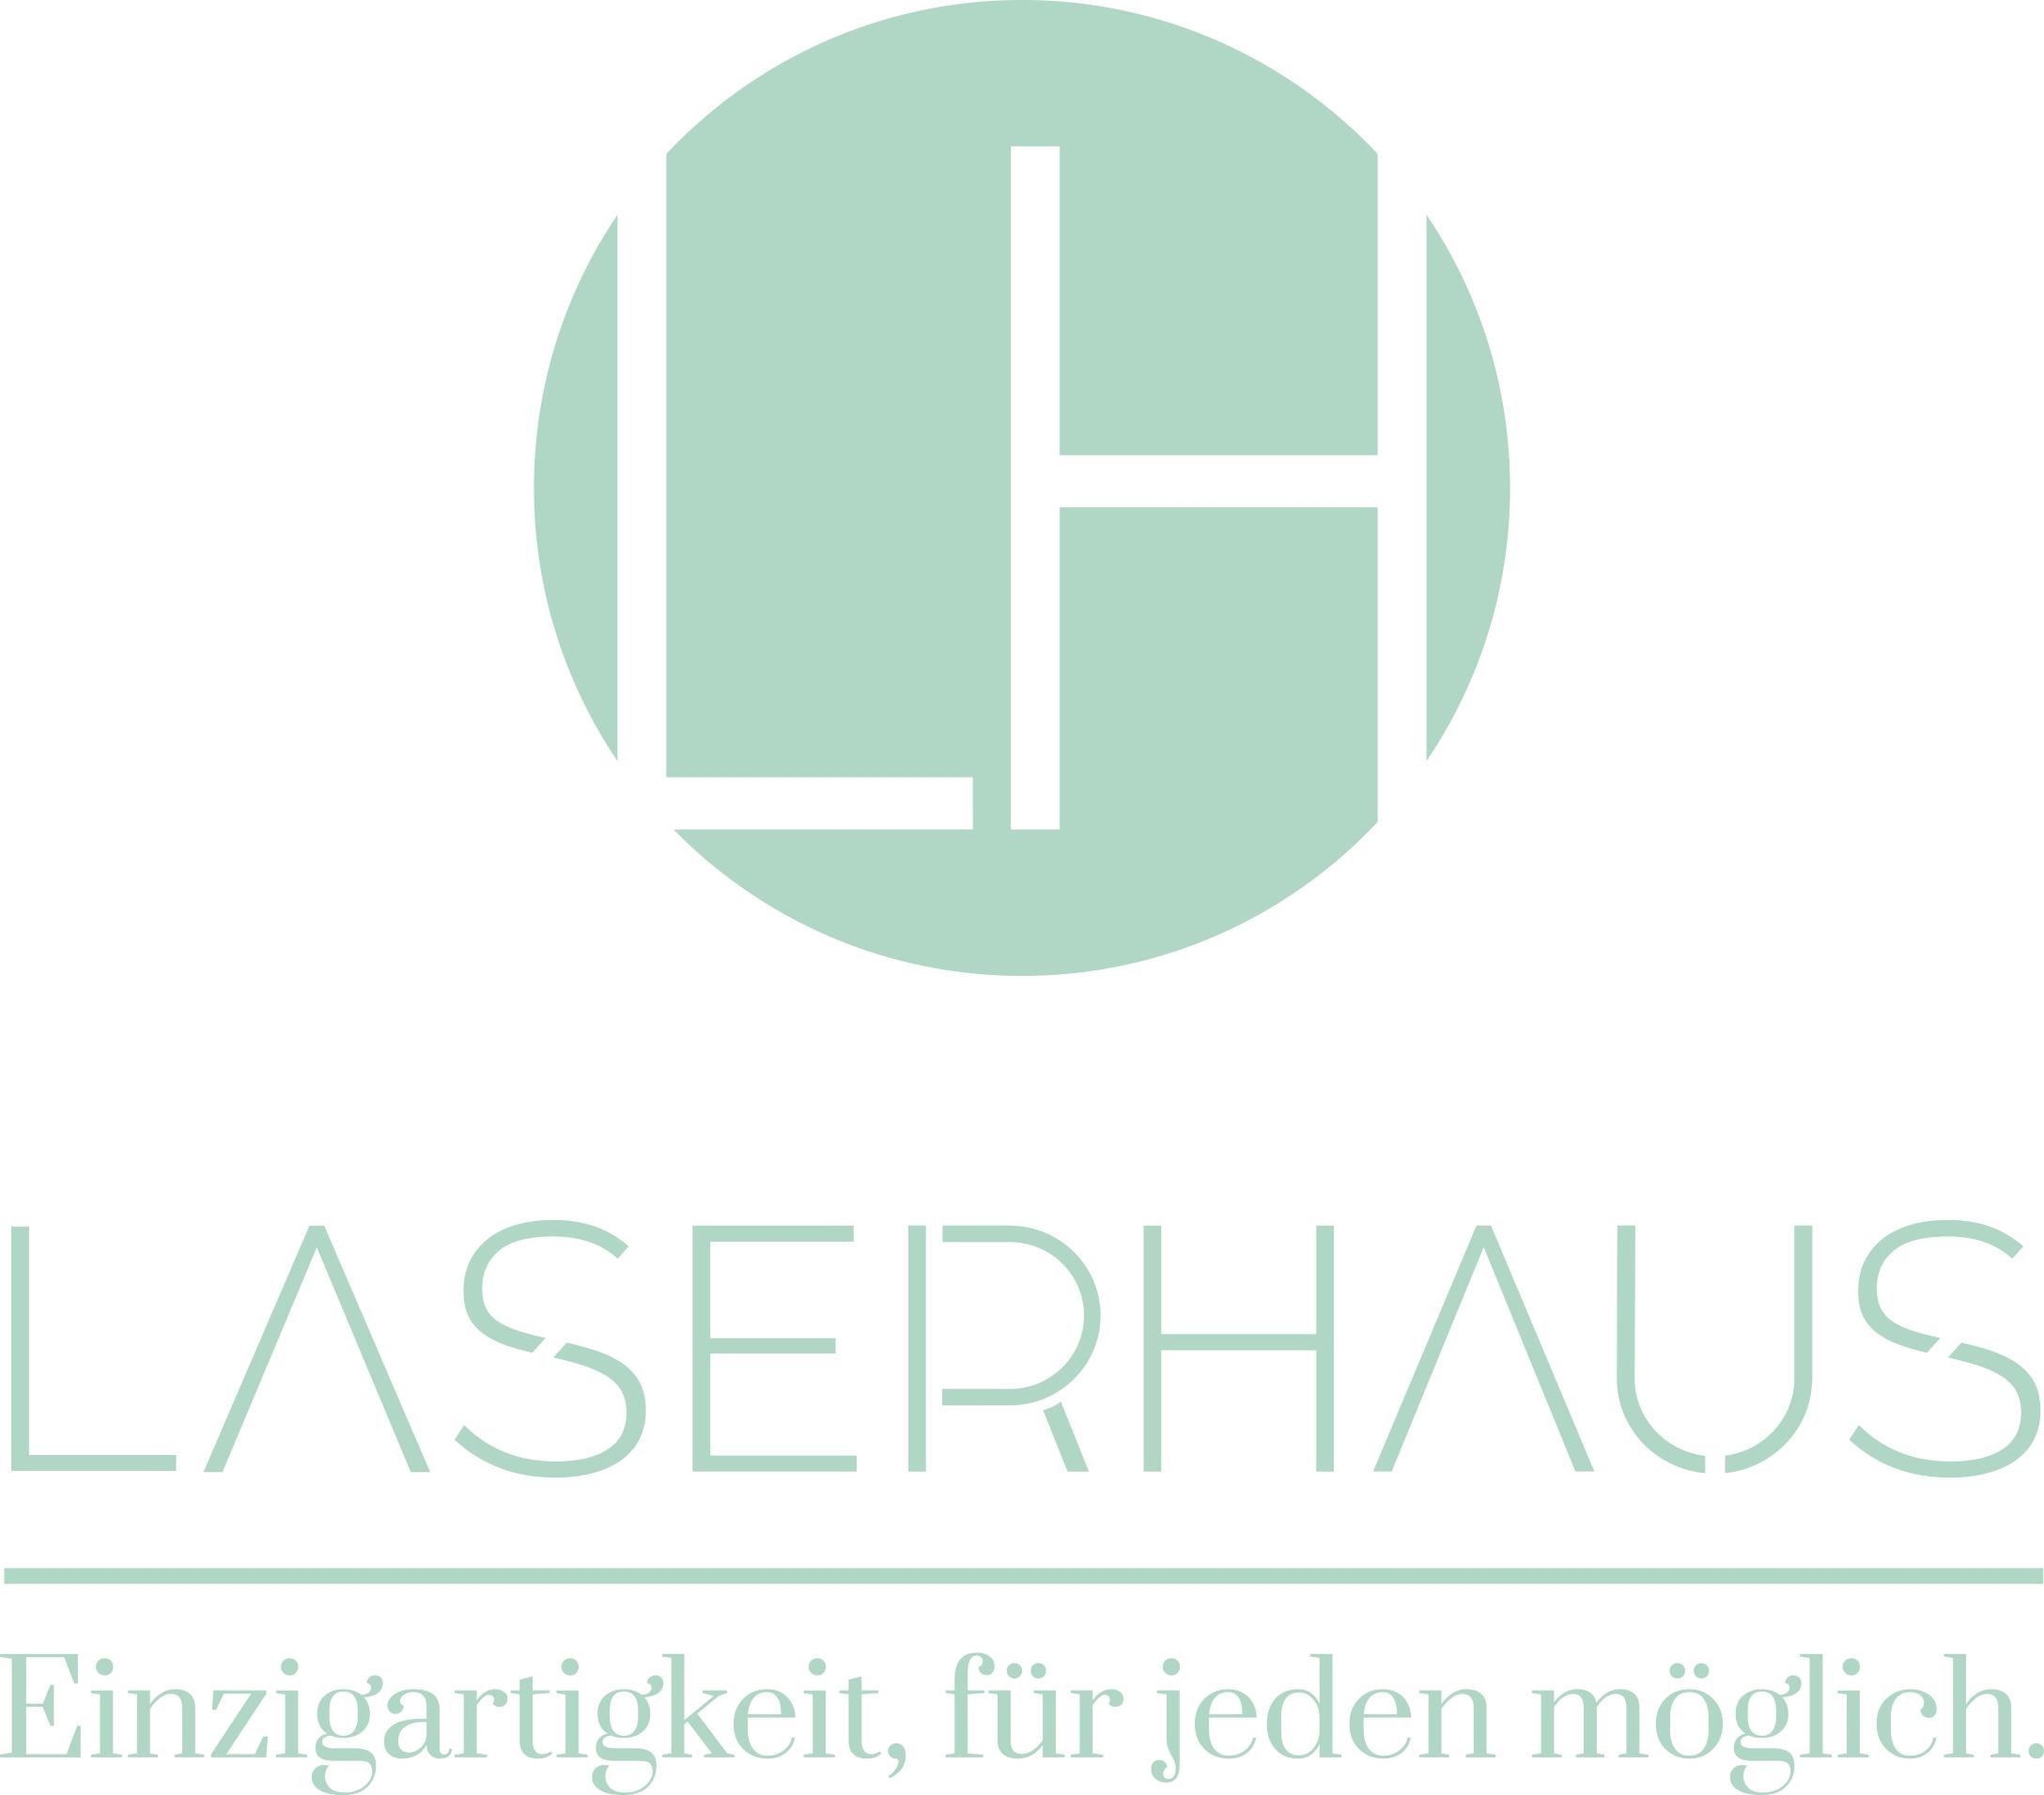 Laserhaus Logo